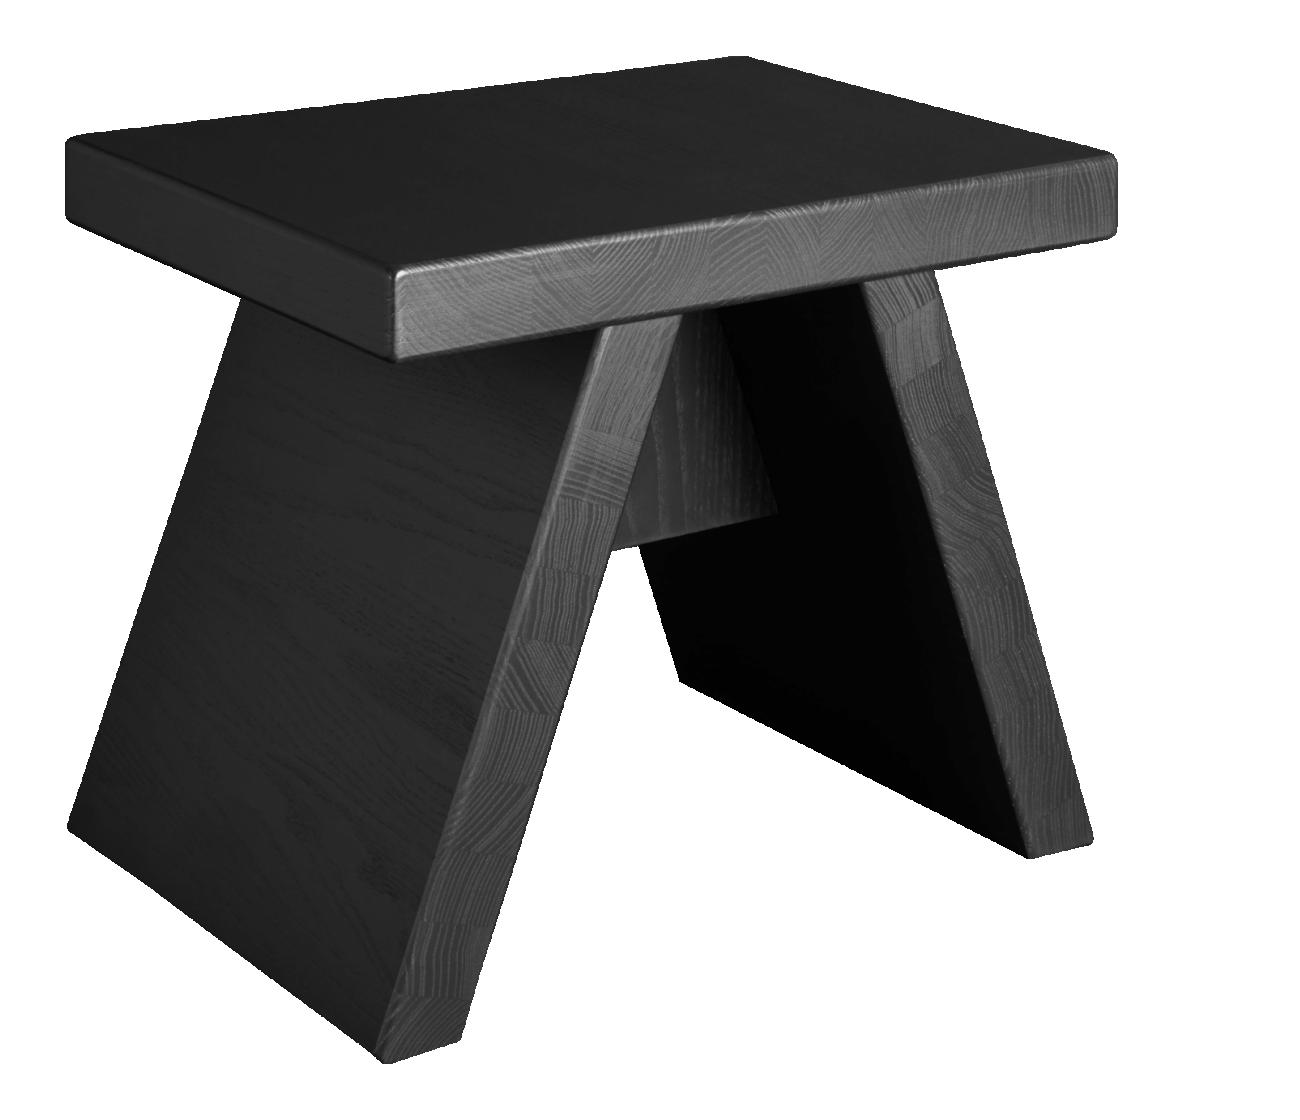 Tap tabouret style japonais habitat meubles for Console style japonais